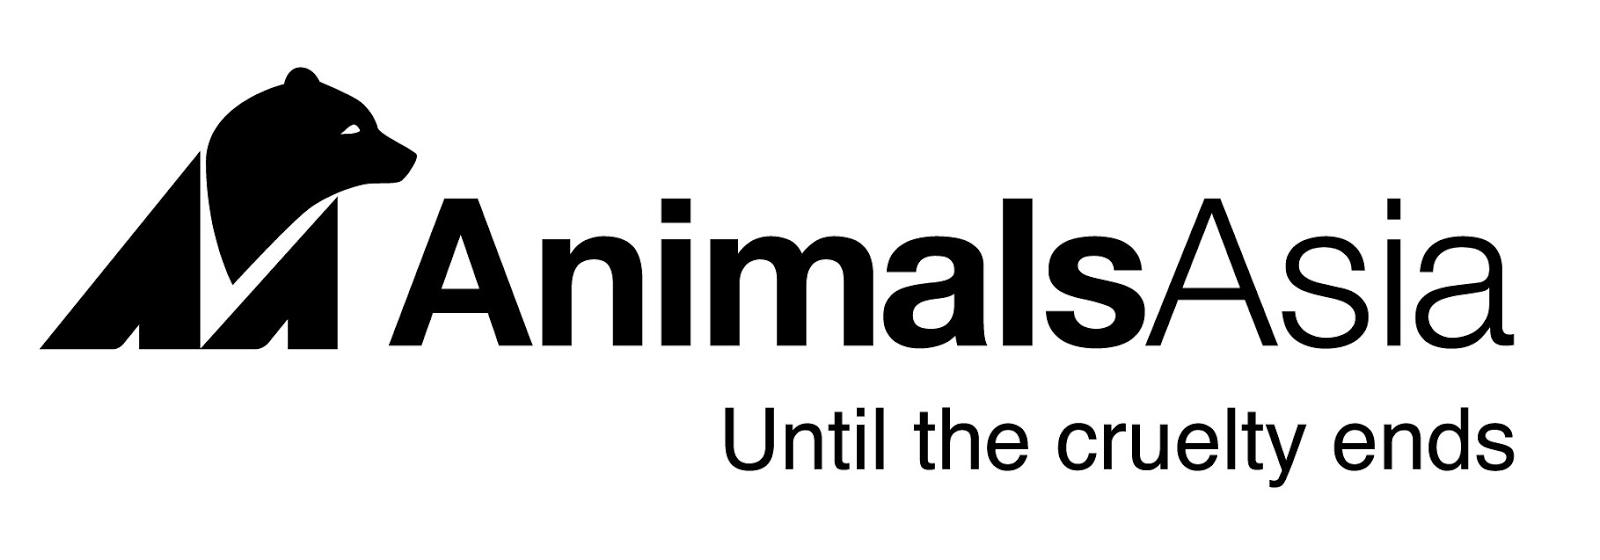 Zoo Jobs: Vet Nurse Volunteer Vietnam